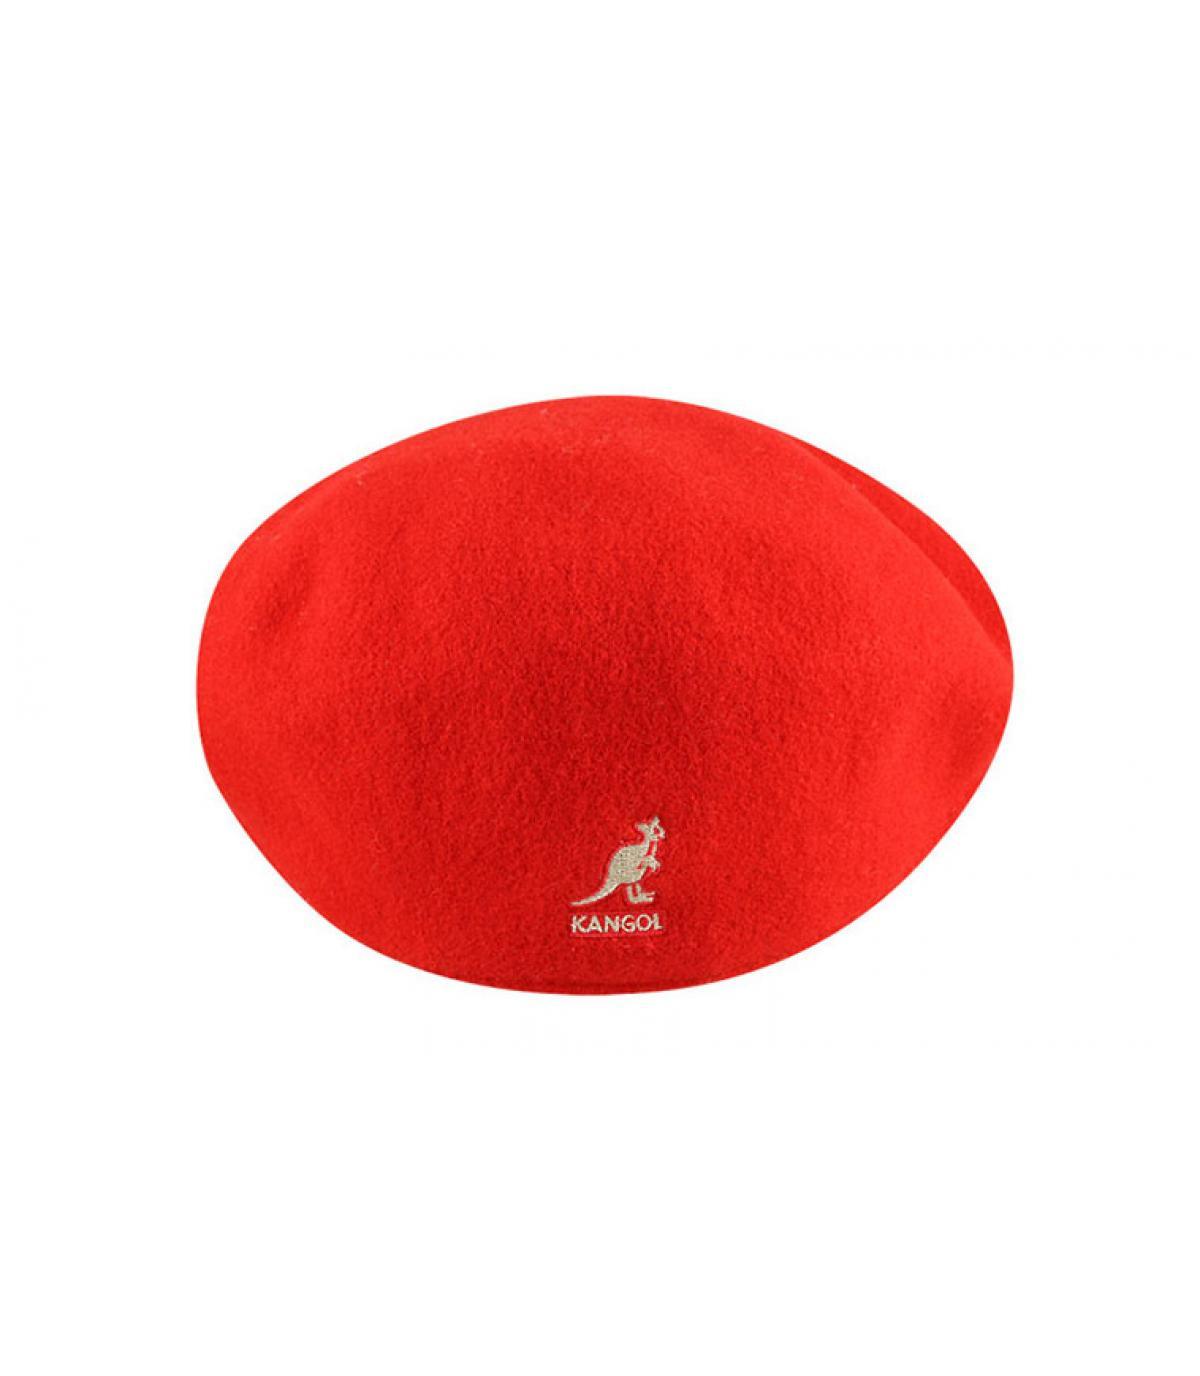 Détails 504 wool rouge - image 4